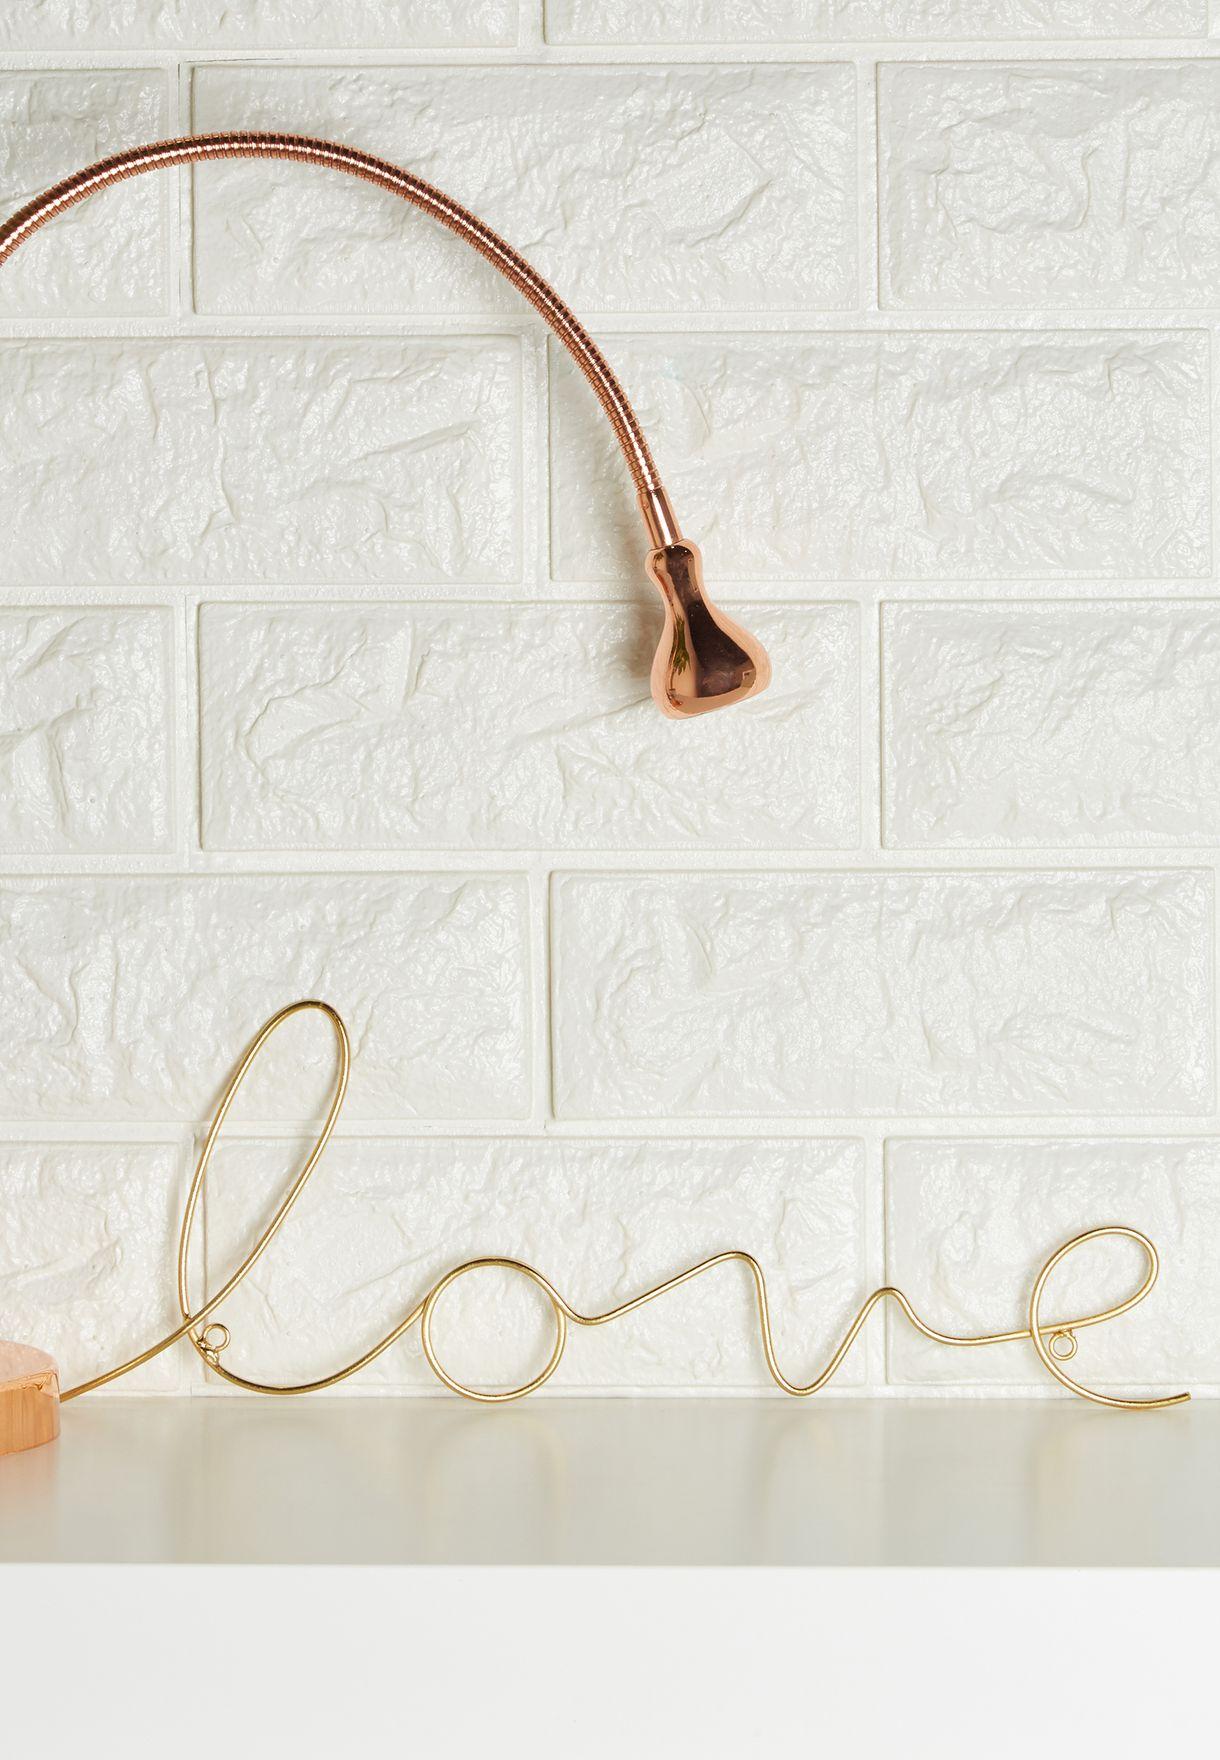 """سلك إضاءة يحمل عبارة """"Love"""""""